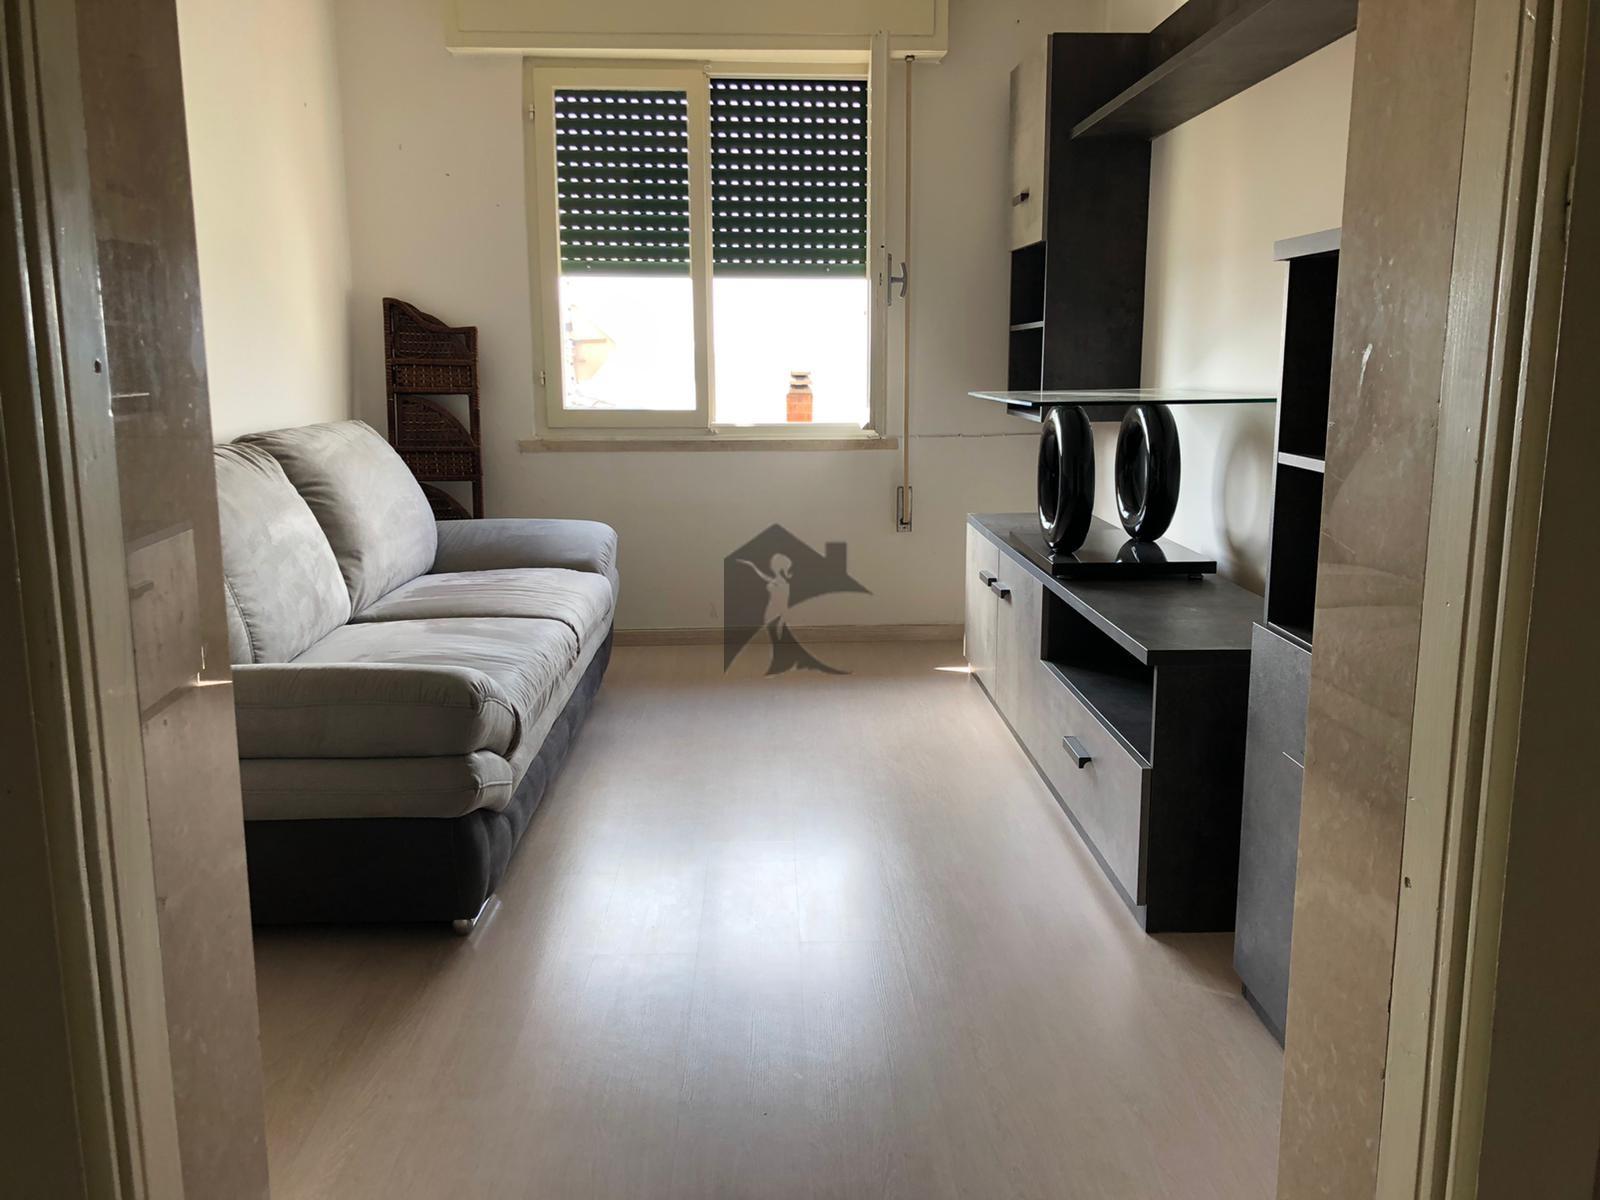 Appartamento in vendita a Serle, 3 locali, prezzo € 56.000   PortaleAgenzieImmobiliari.it